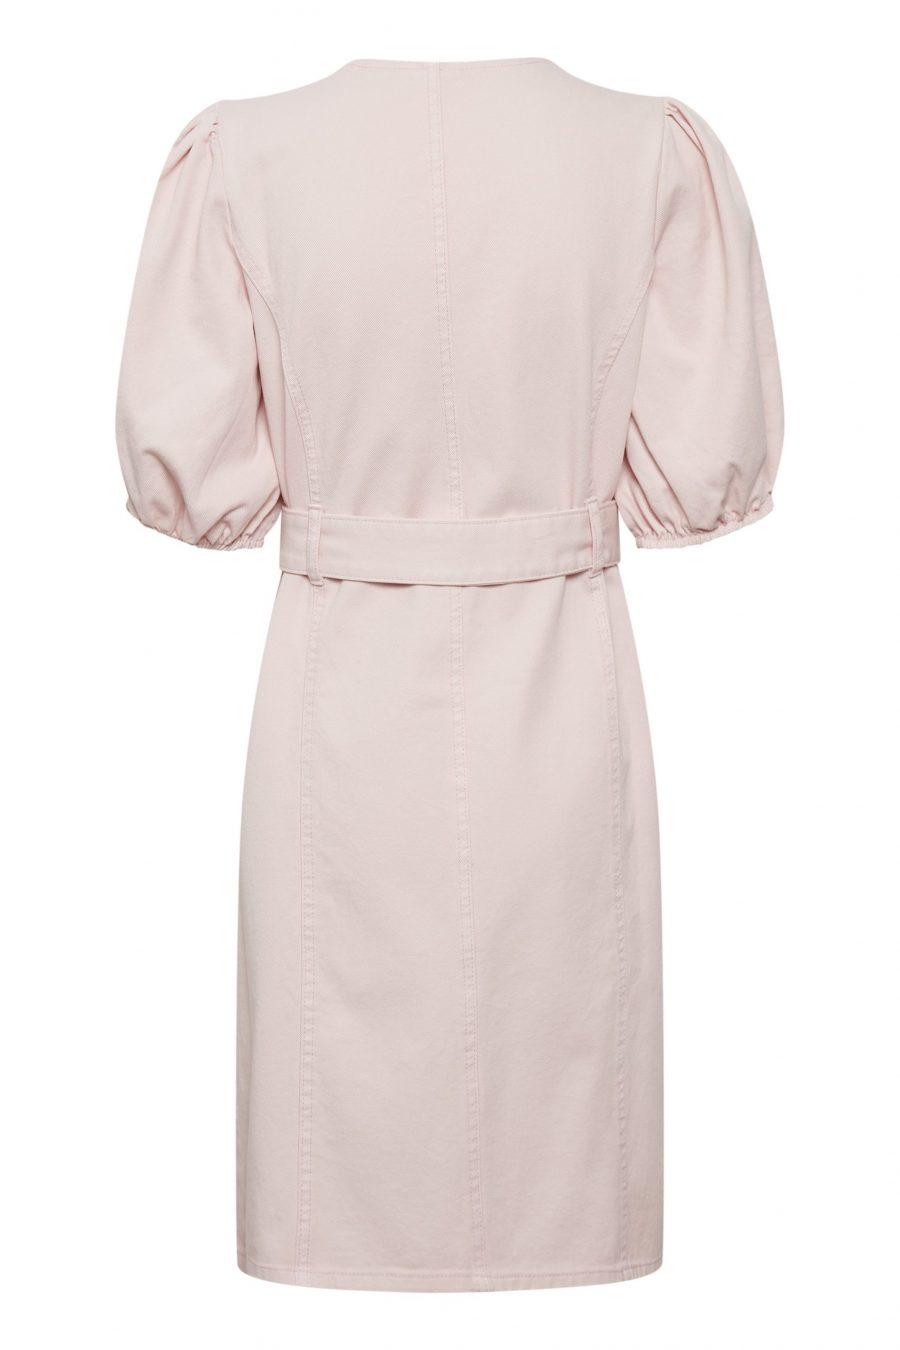 Gestuz_HS20_DilettoGZ short dress_March delivery_999 DKK(2)